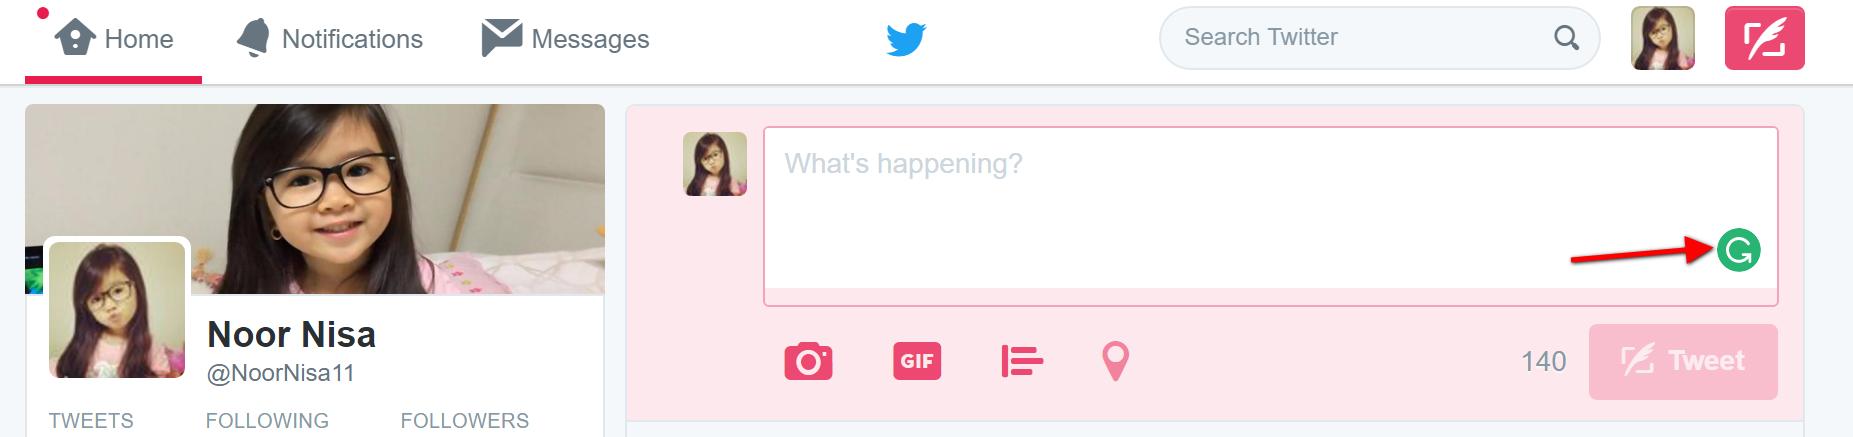 screenshot-twitter-com-2016-09-11-23-00-31